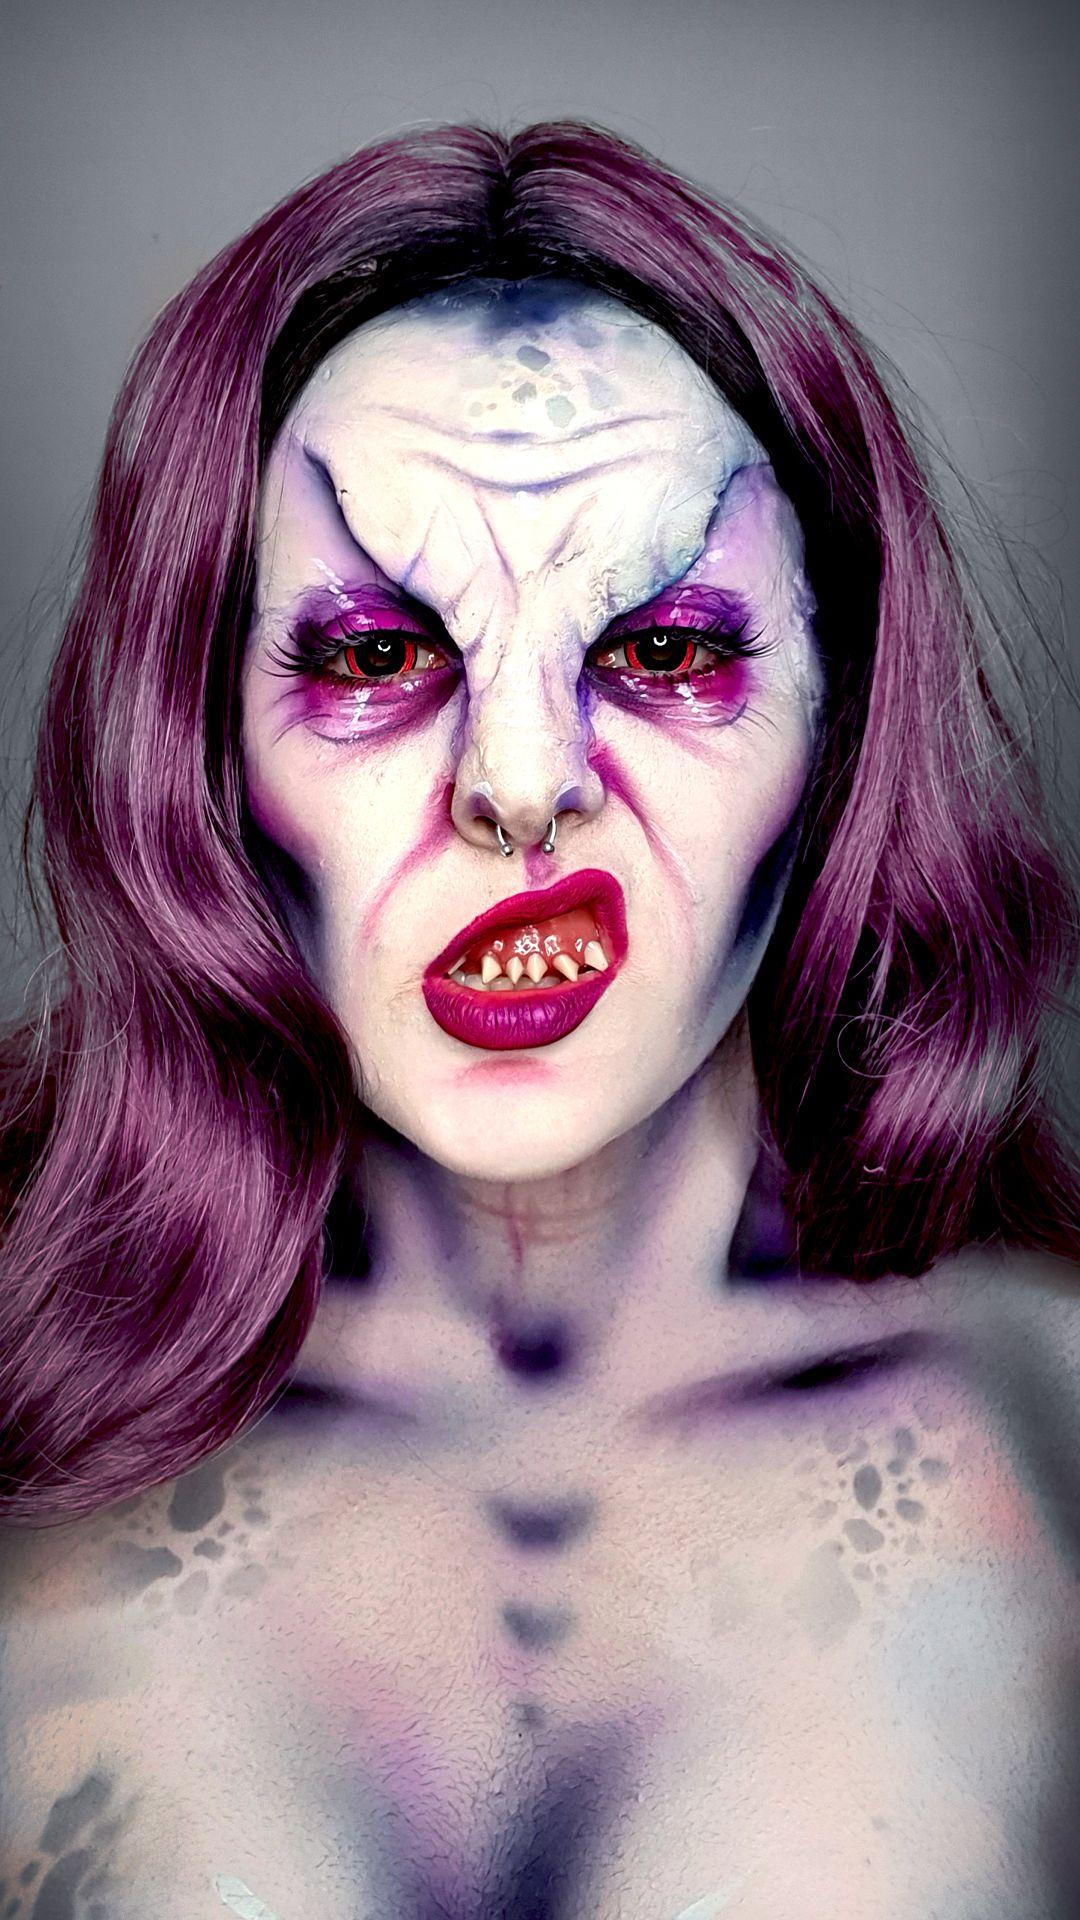 DEMON MAKEUP in 2020 Demon makeup, Online makeup, Cool